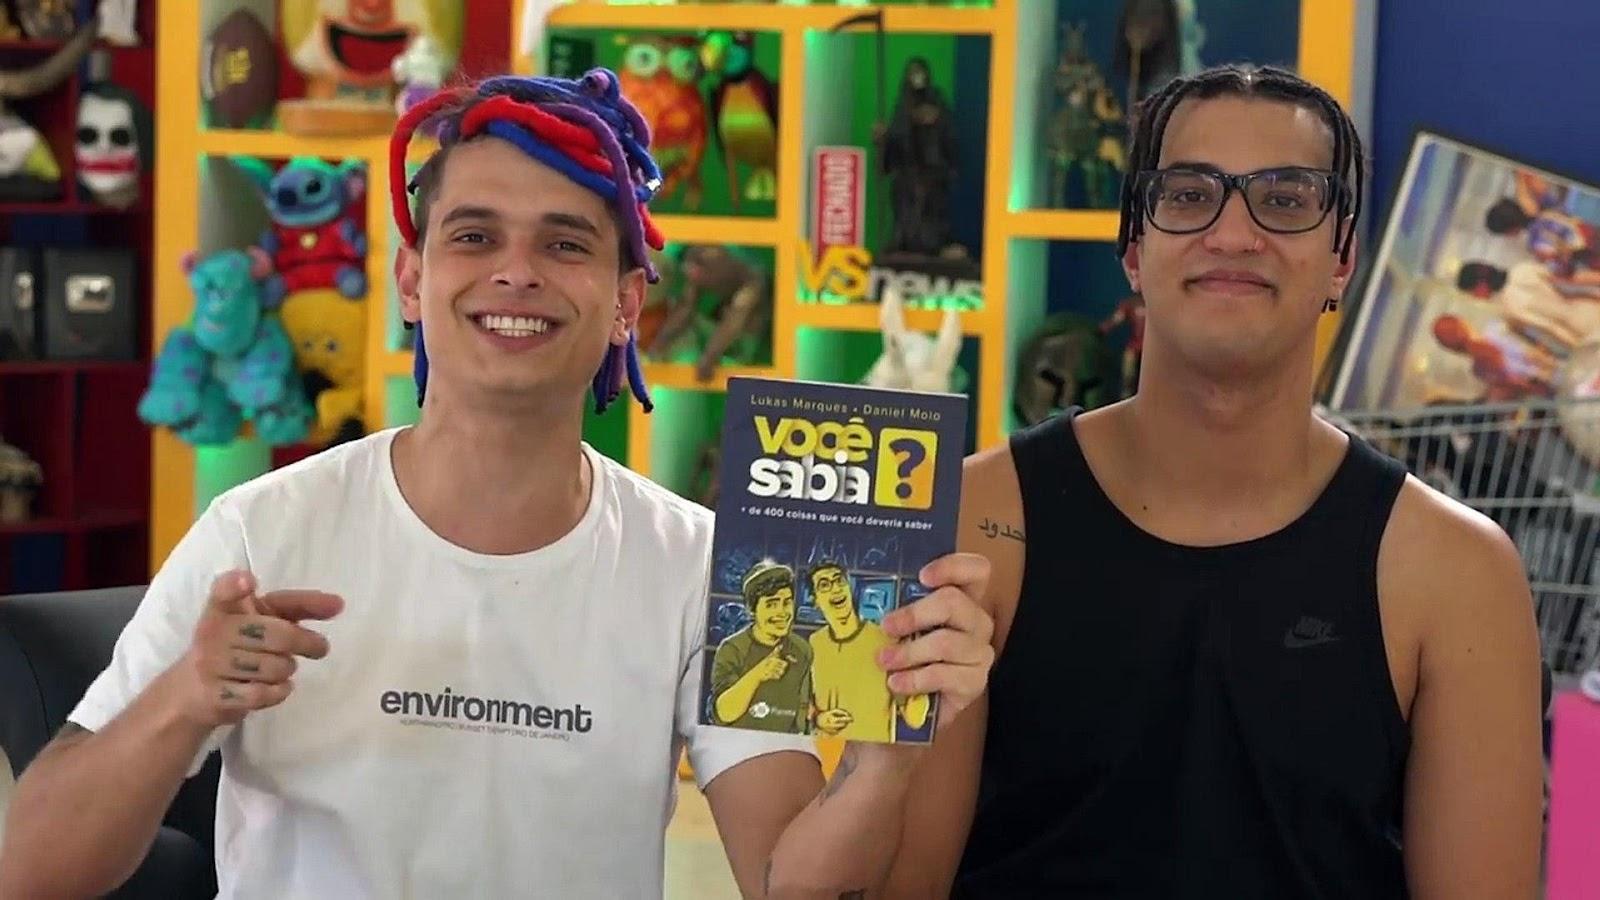 Youtubers Lukas Marques e Daniel Molo, do canal Você Sabia?